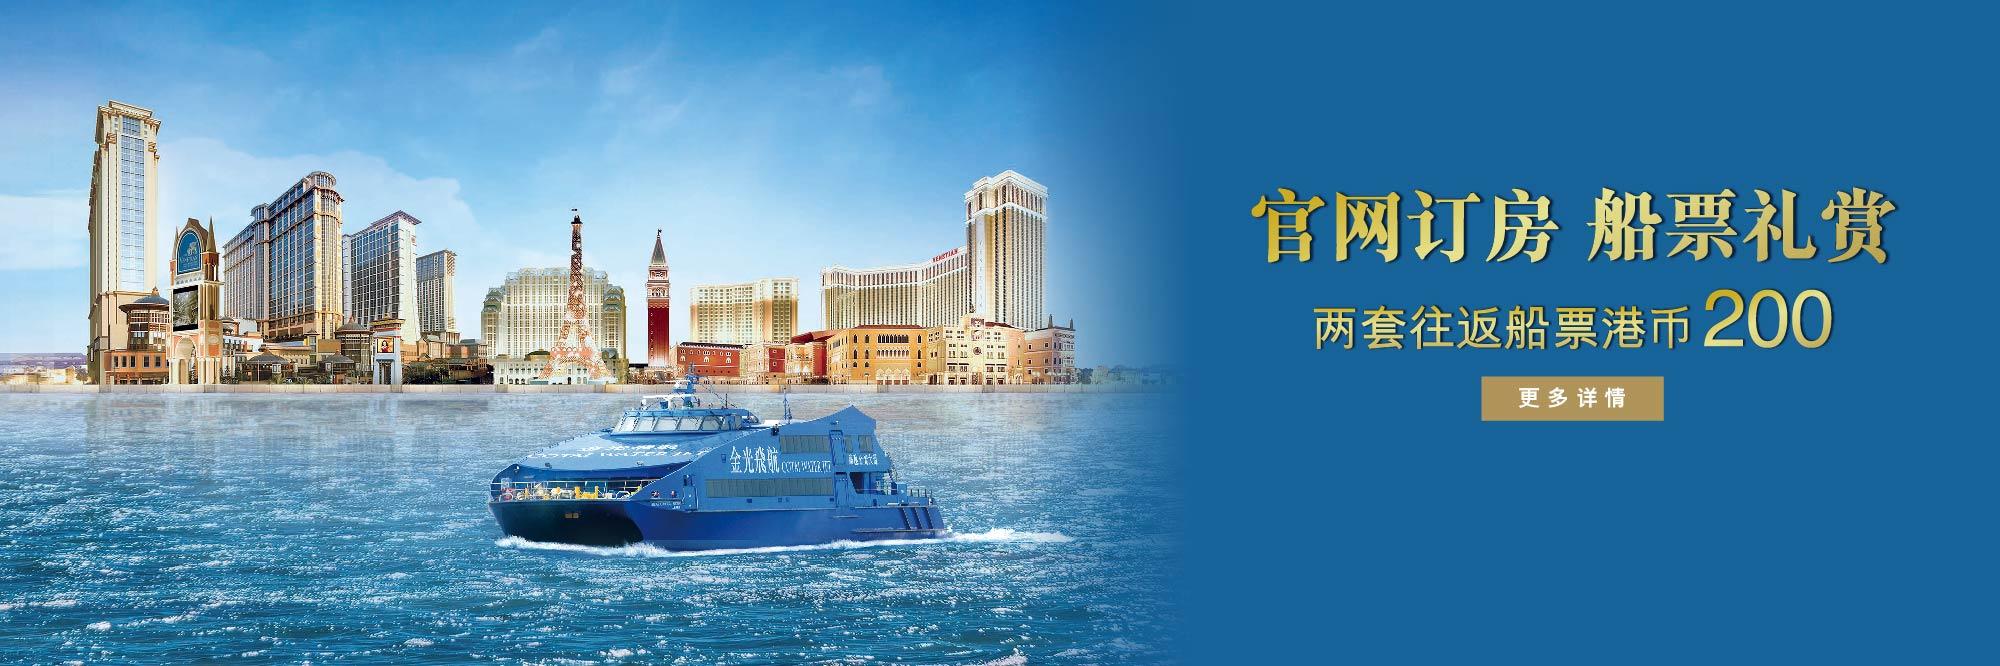 澳门金沙度假区预定澳门轮盘游戏享受船票优惠